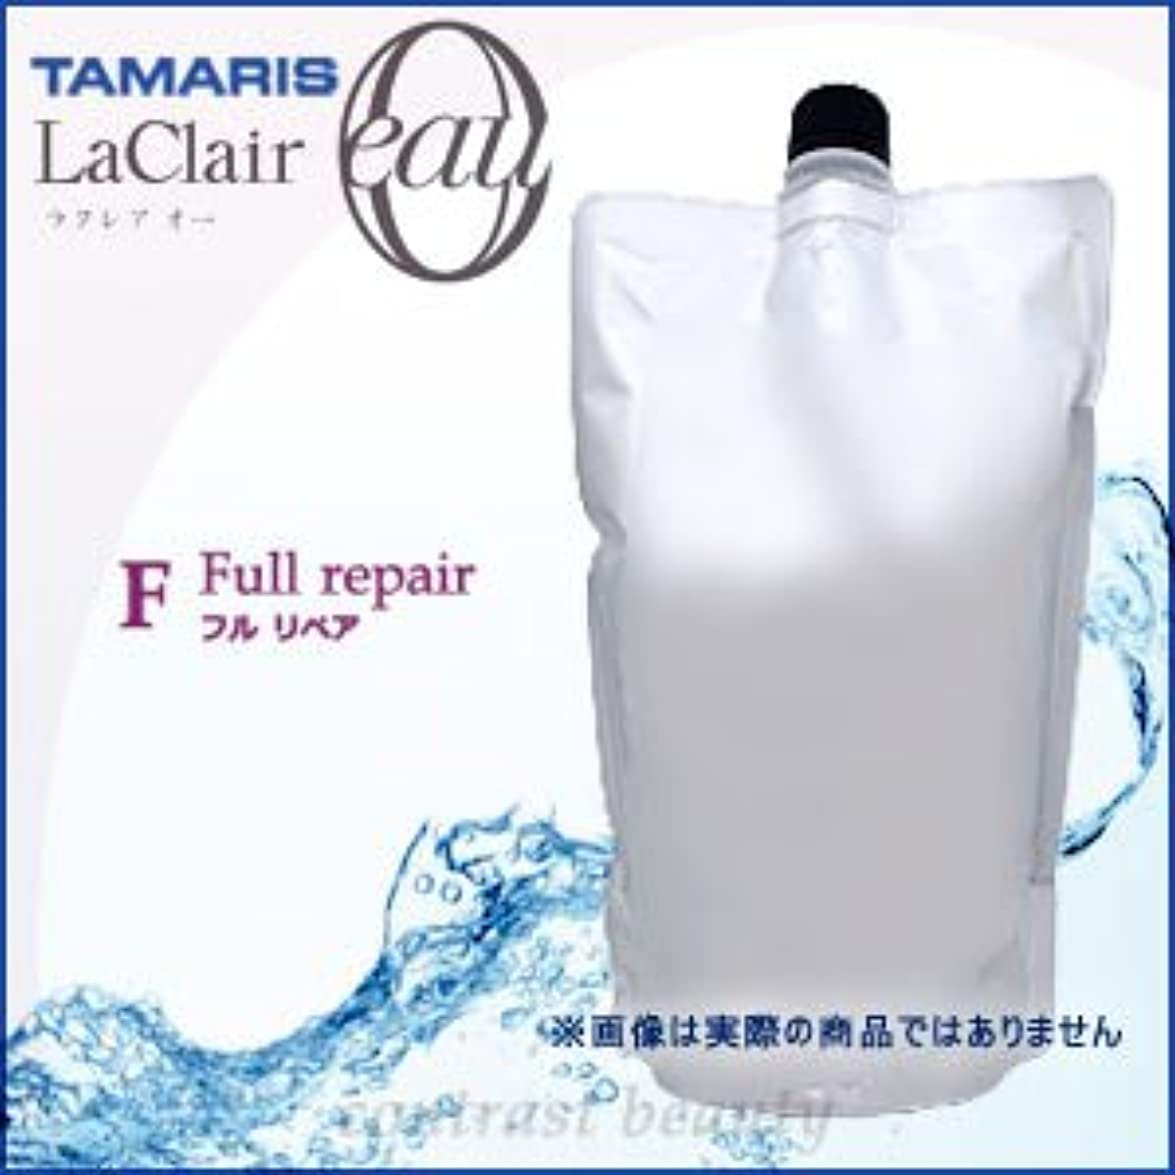 介入する対知覚的【X2個セット】 タマリス ラクレアオー フルリペア トリートメントF 600g(詰替レフィルタイプ) TAMARIS La Clair eau